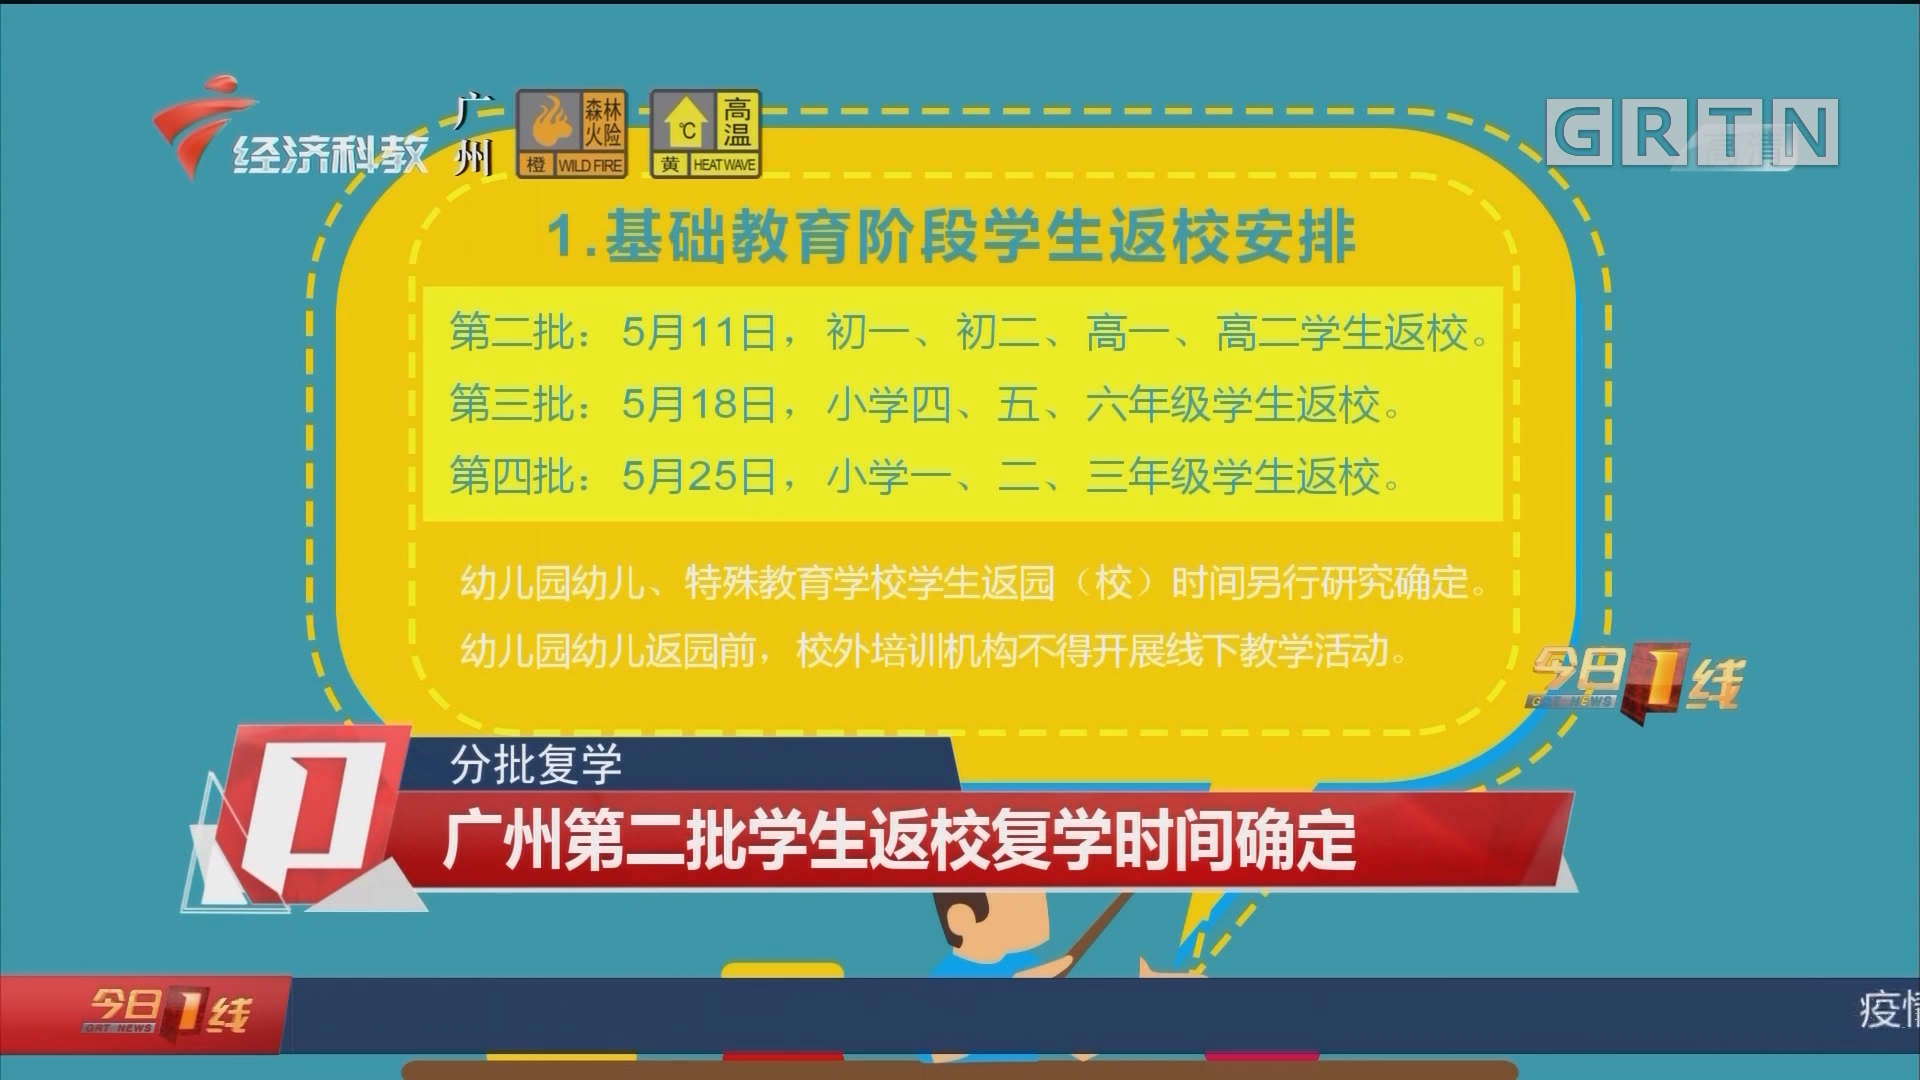 分批復學 廣州第二批學生返校復學時間確定